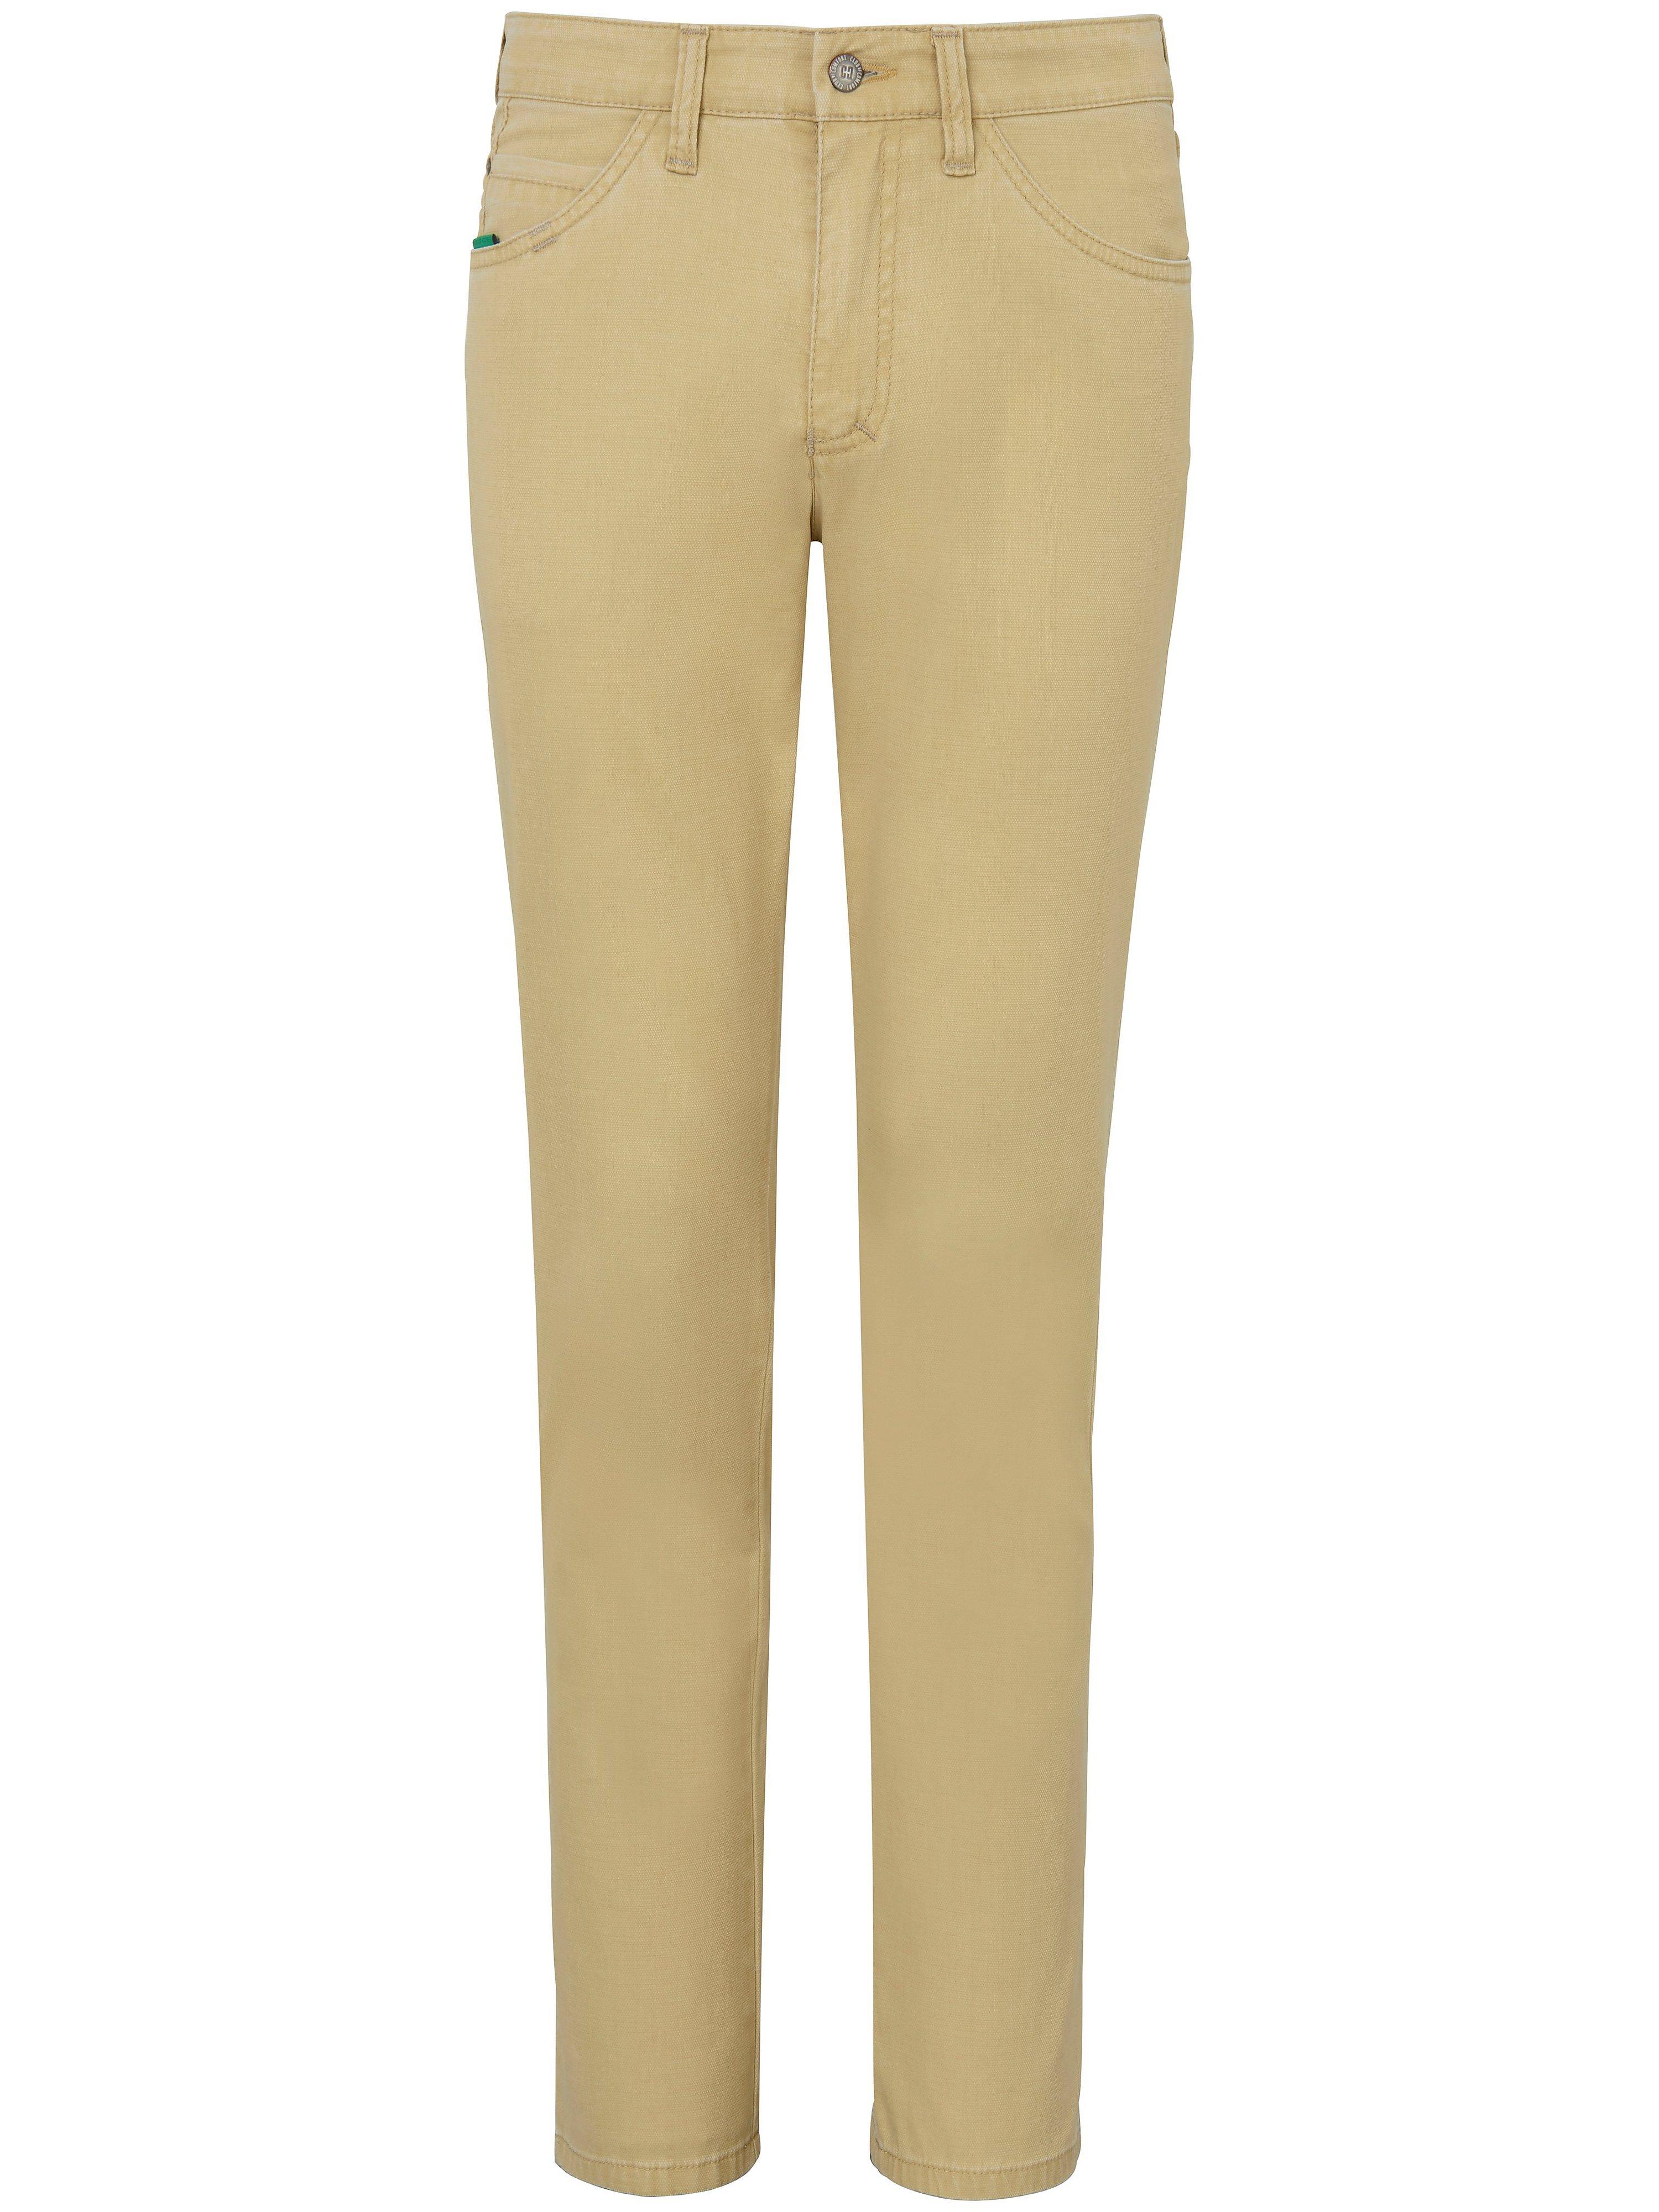 Le pantalon modèle Henry  CLUB OF COMFORT jaune taille 42